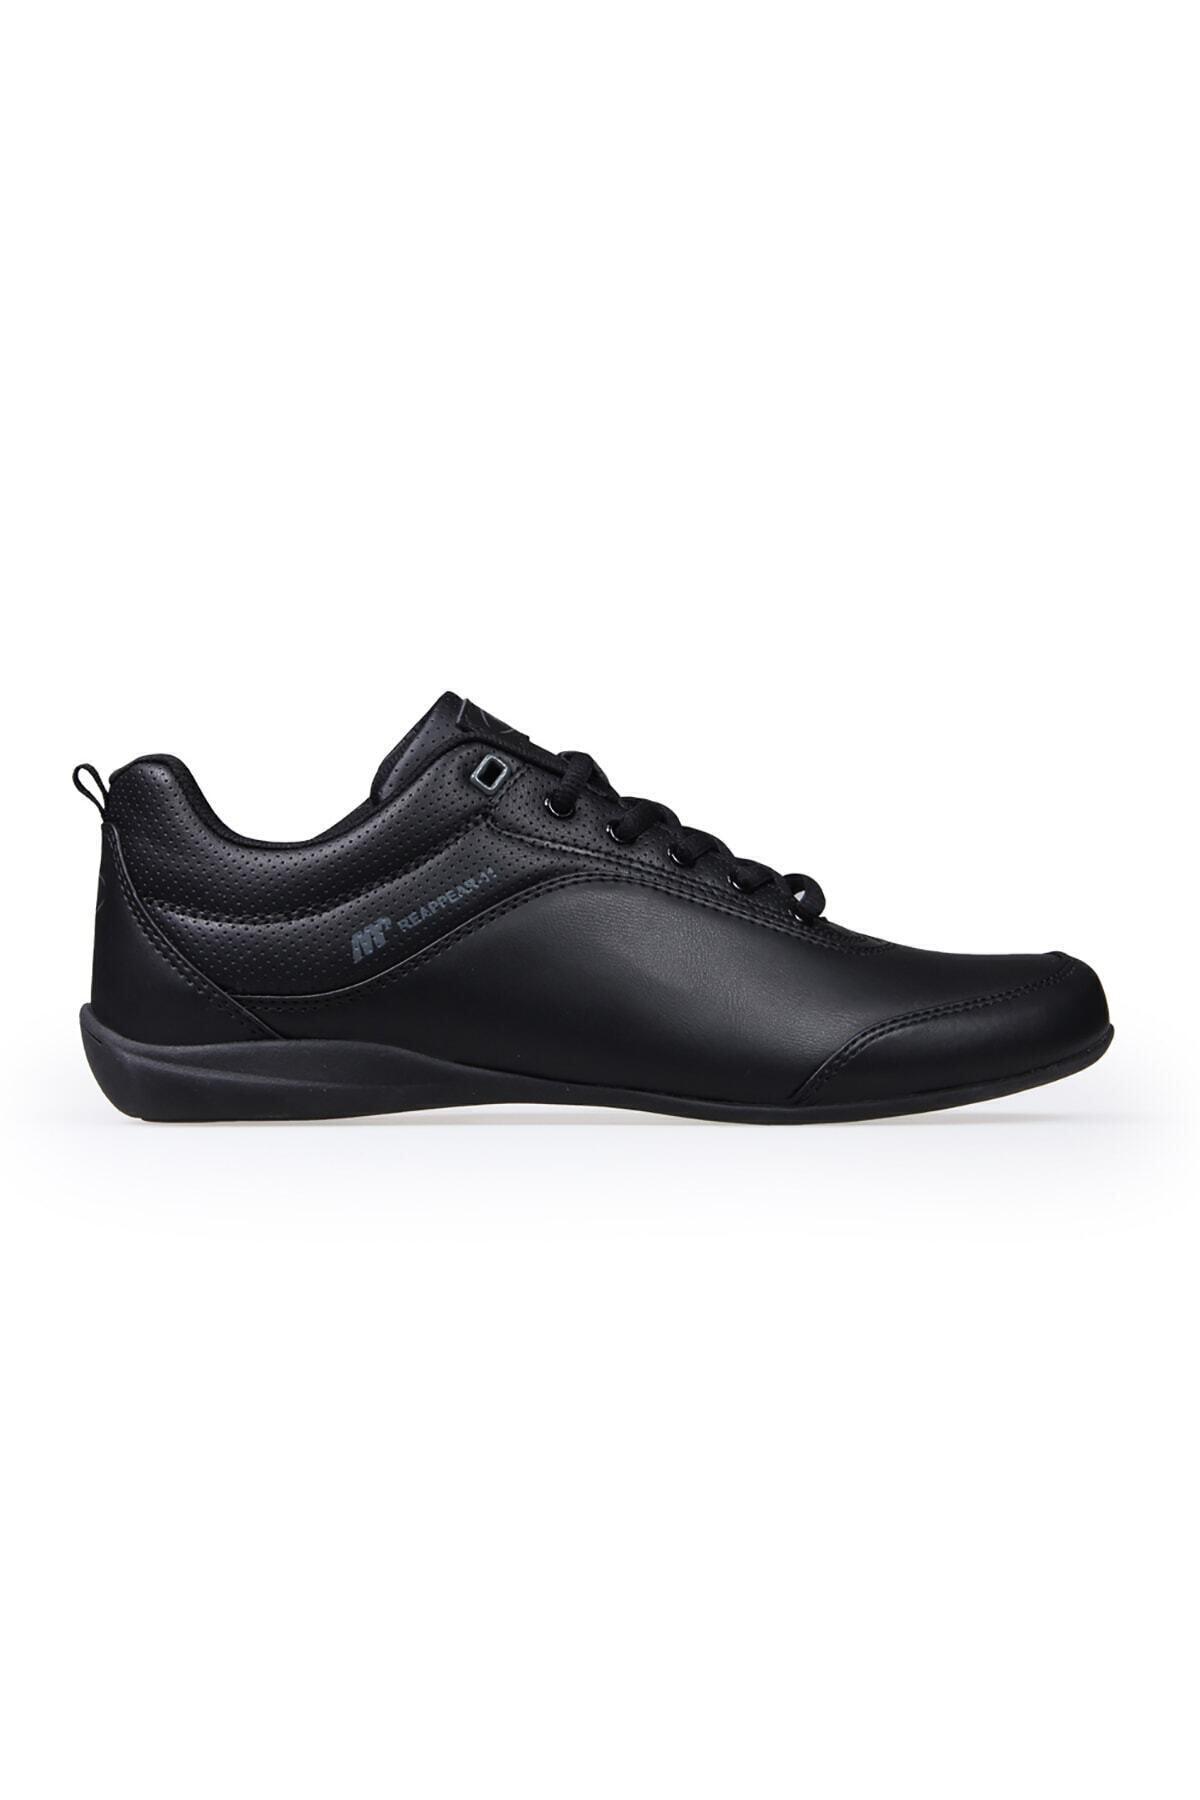 Erkek Siyah Ince Tabanlı  Spor Ayakkabı